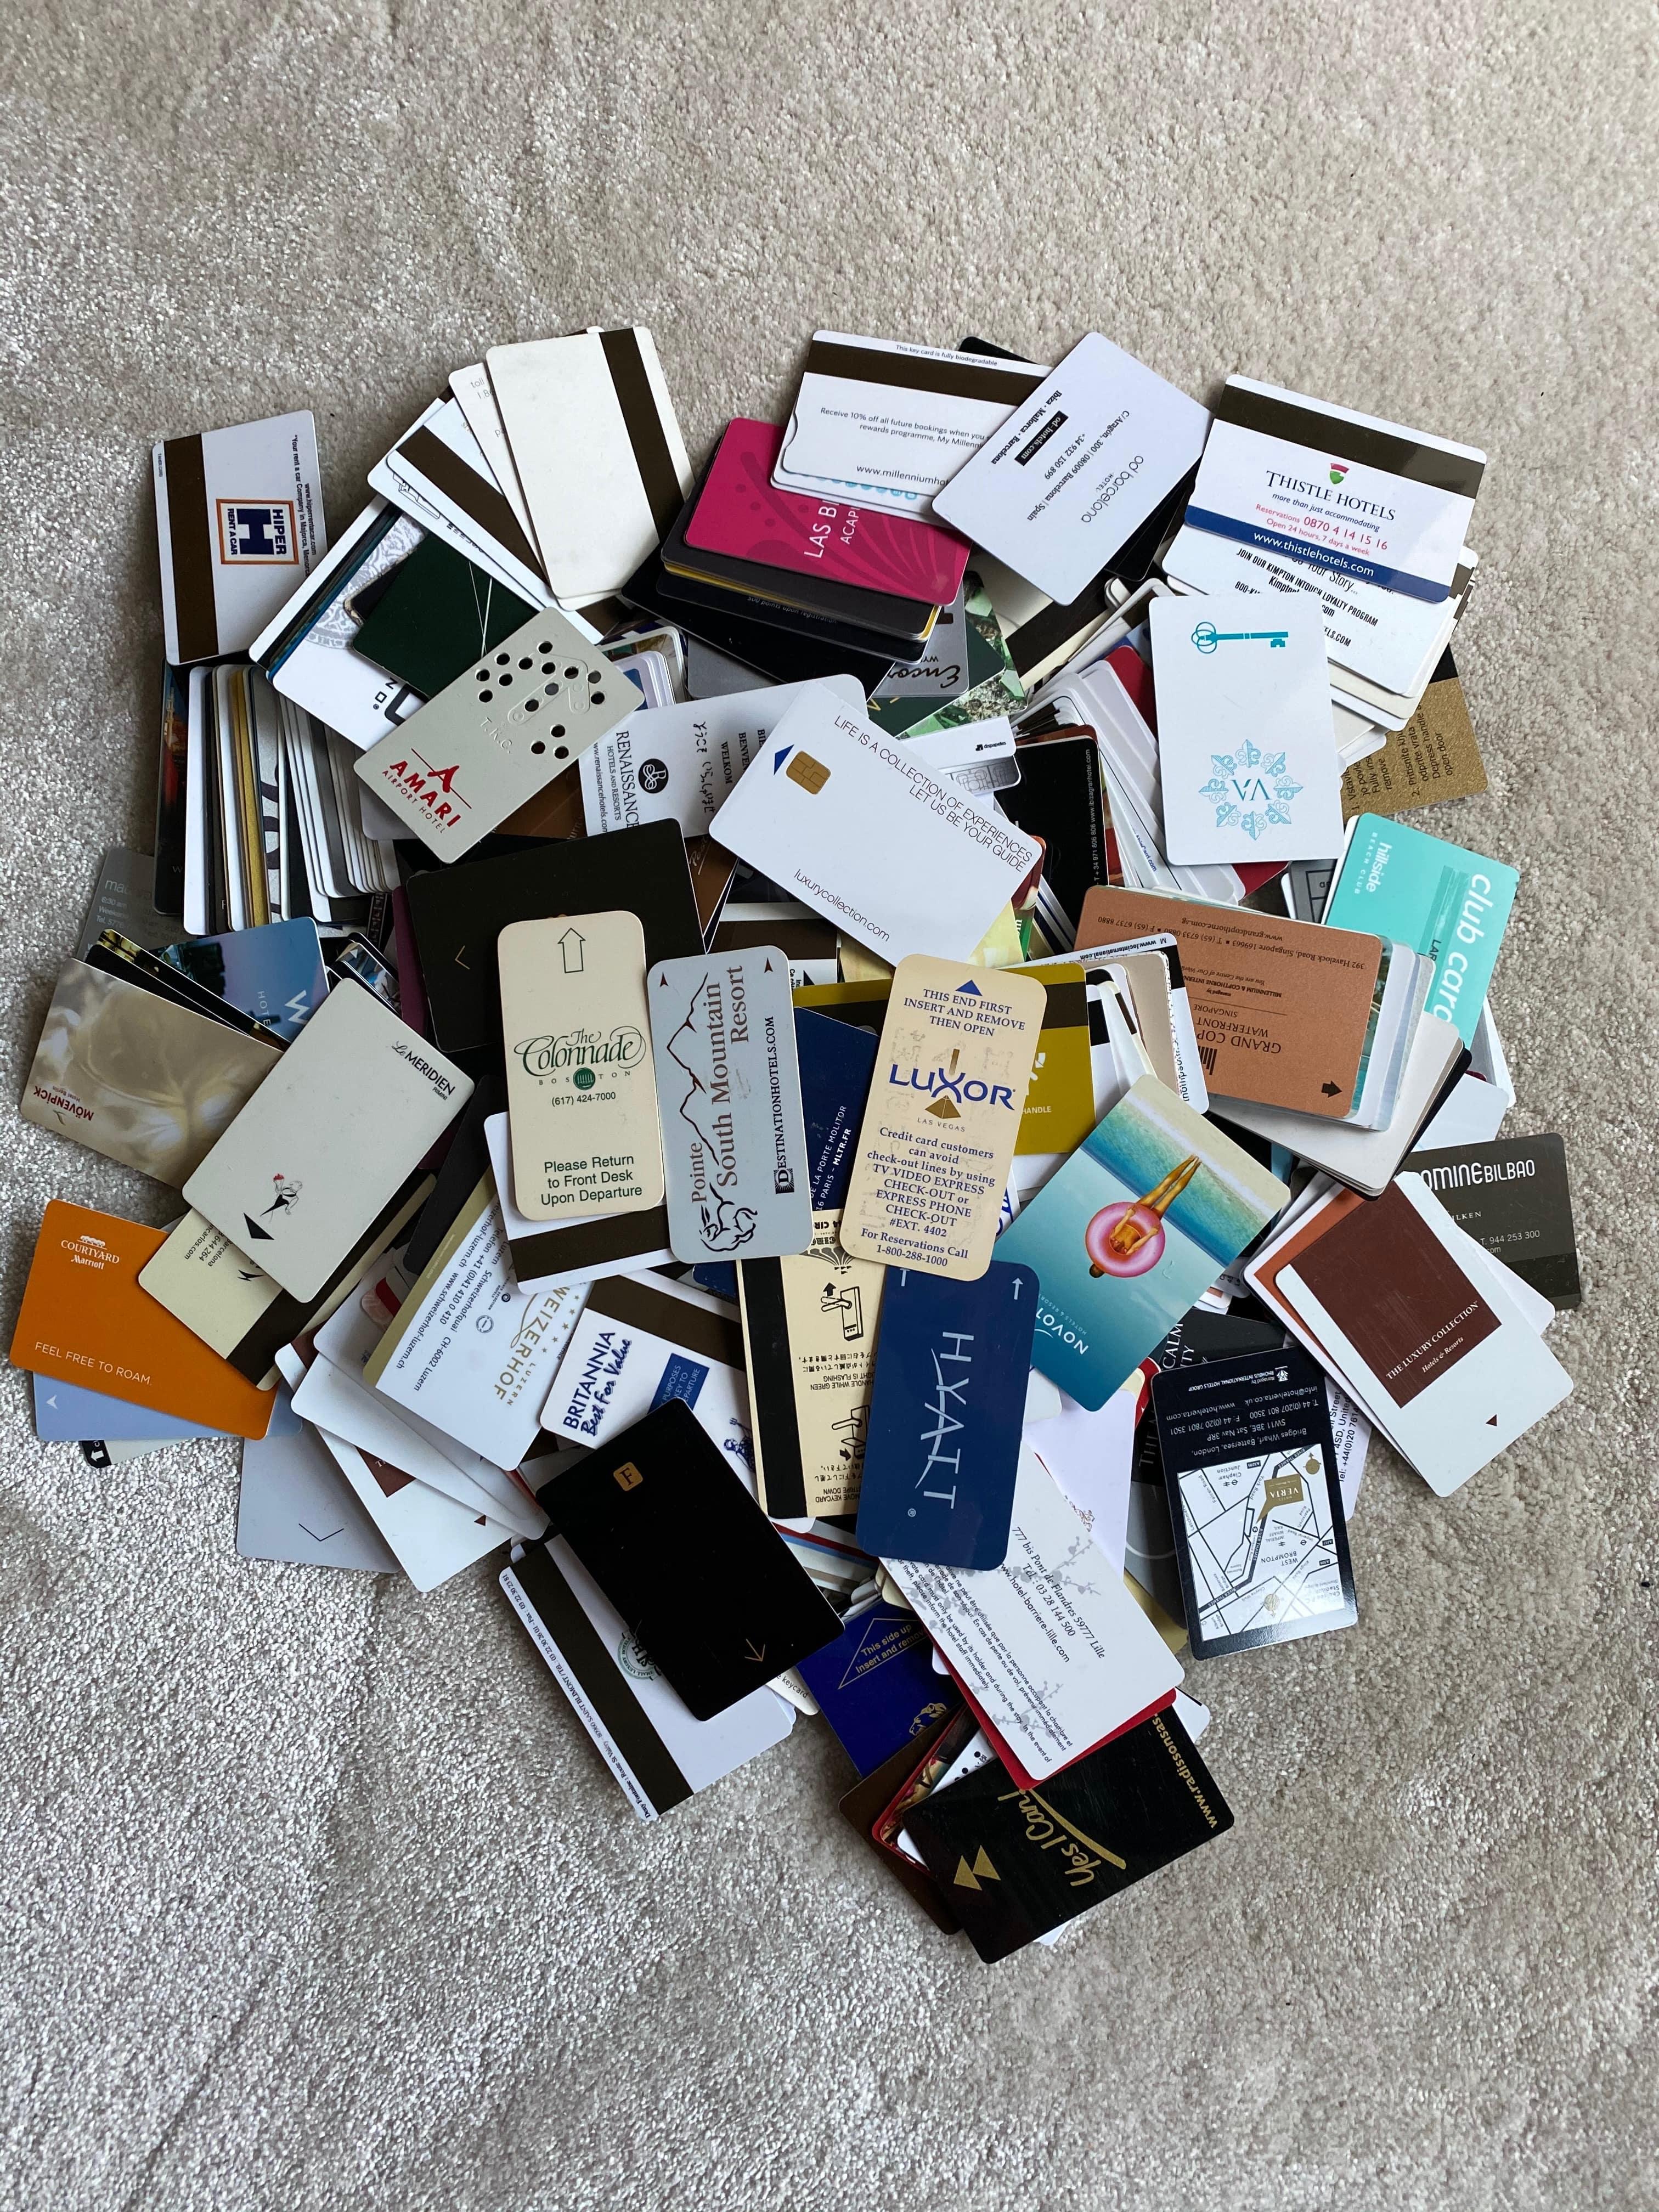 Hotel key cards